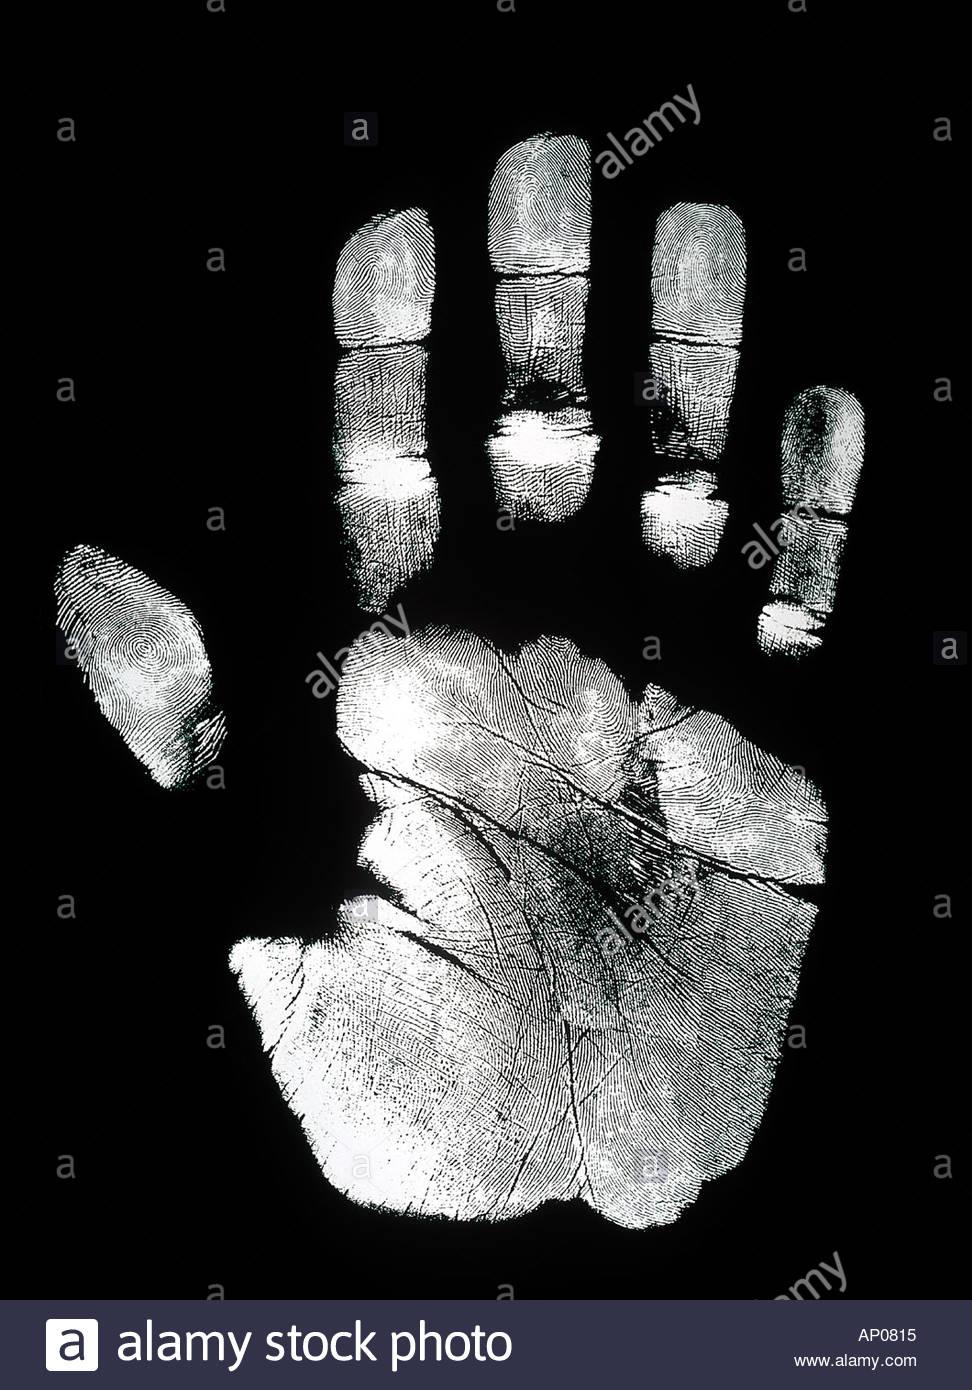 Lato di stampa stampa di Palm e le impronte delle dita su sfondo nero Immagini Stock